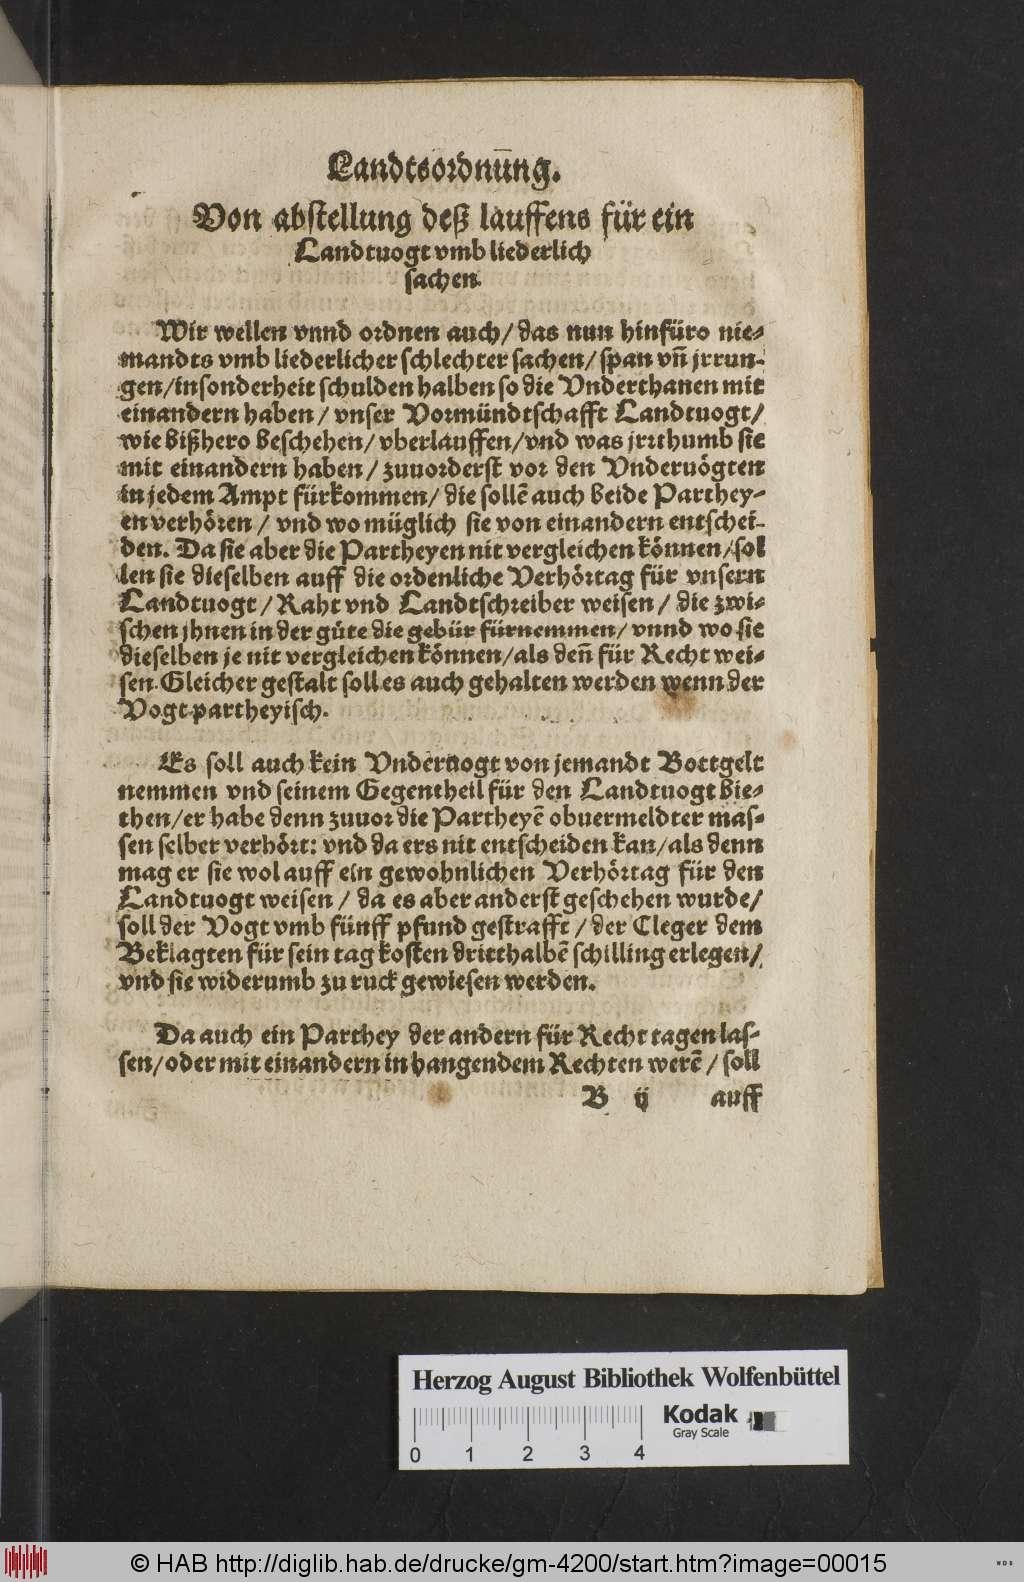 http://diglib.hab.de/drucke/gm-4200/00015.jpg